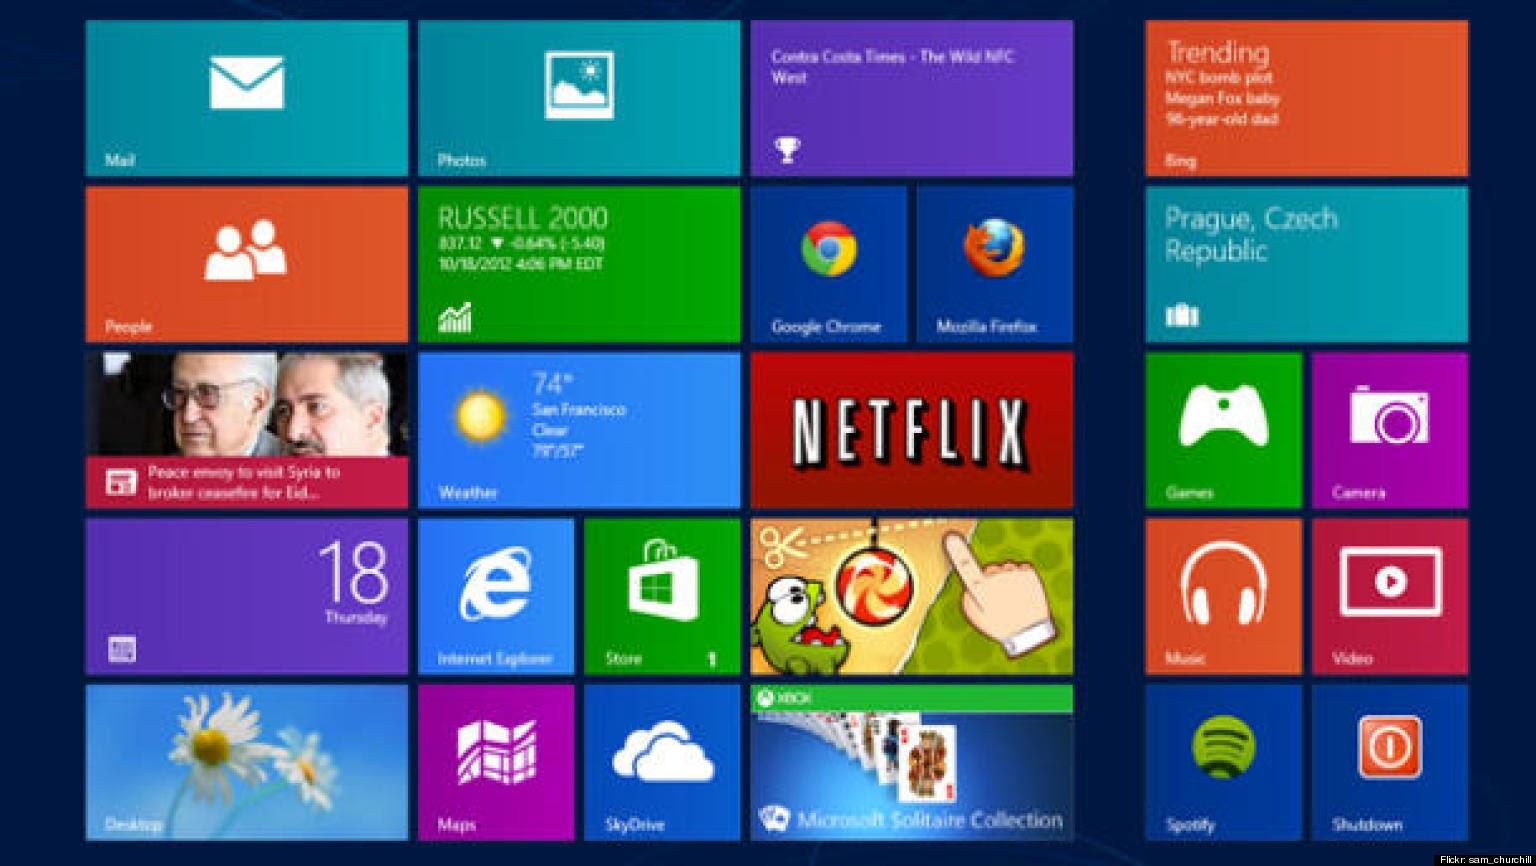 Panduan cara install Windows 8/ 8.1 lengkap dengan gambar 6